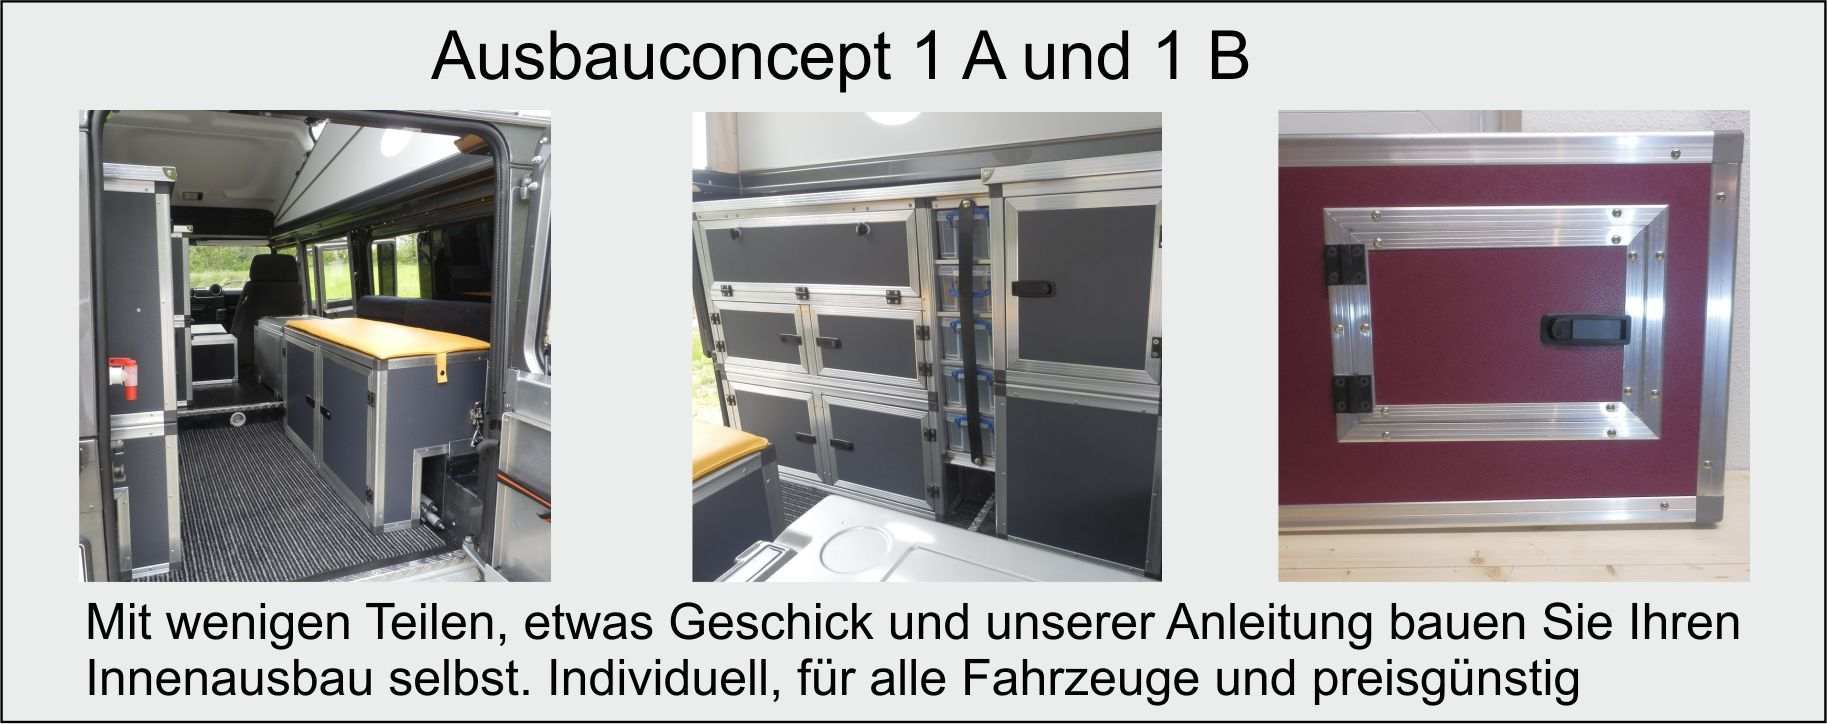 Ausbauteile für Concept 9 wie Ausbauplatten, Winkelprofile